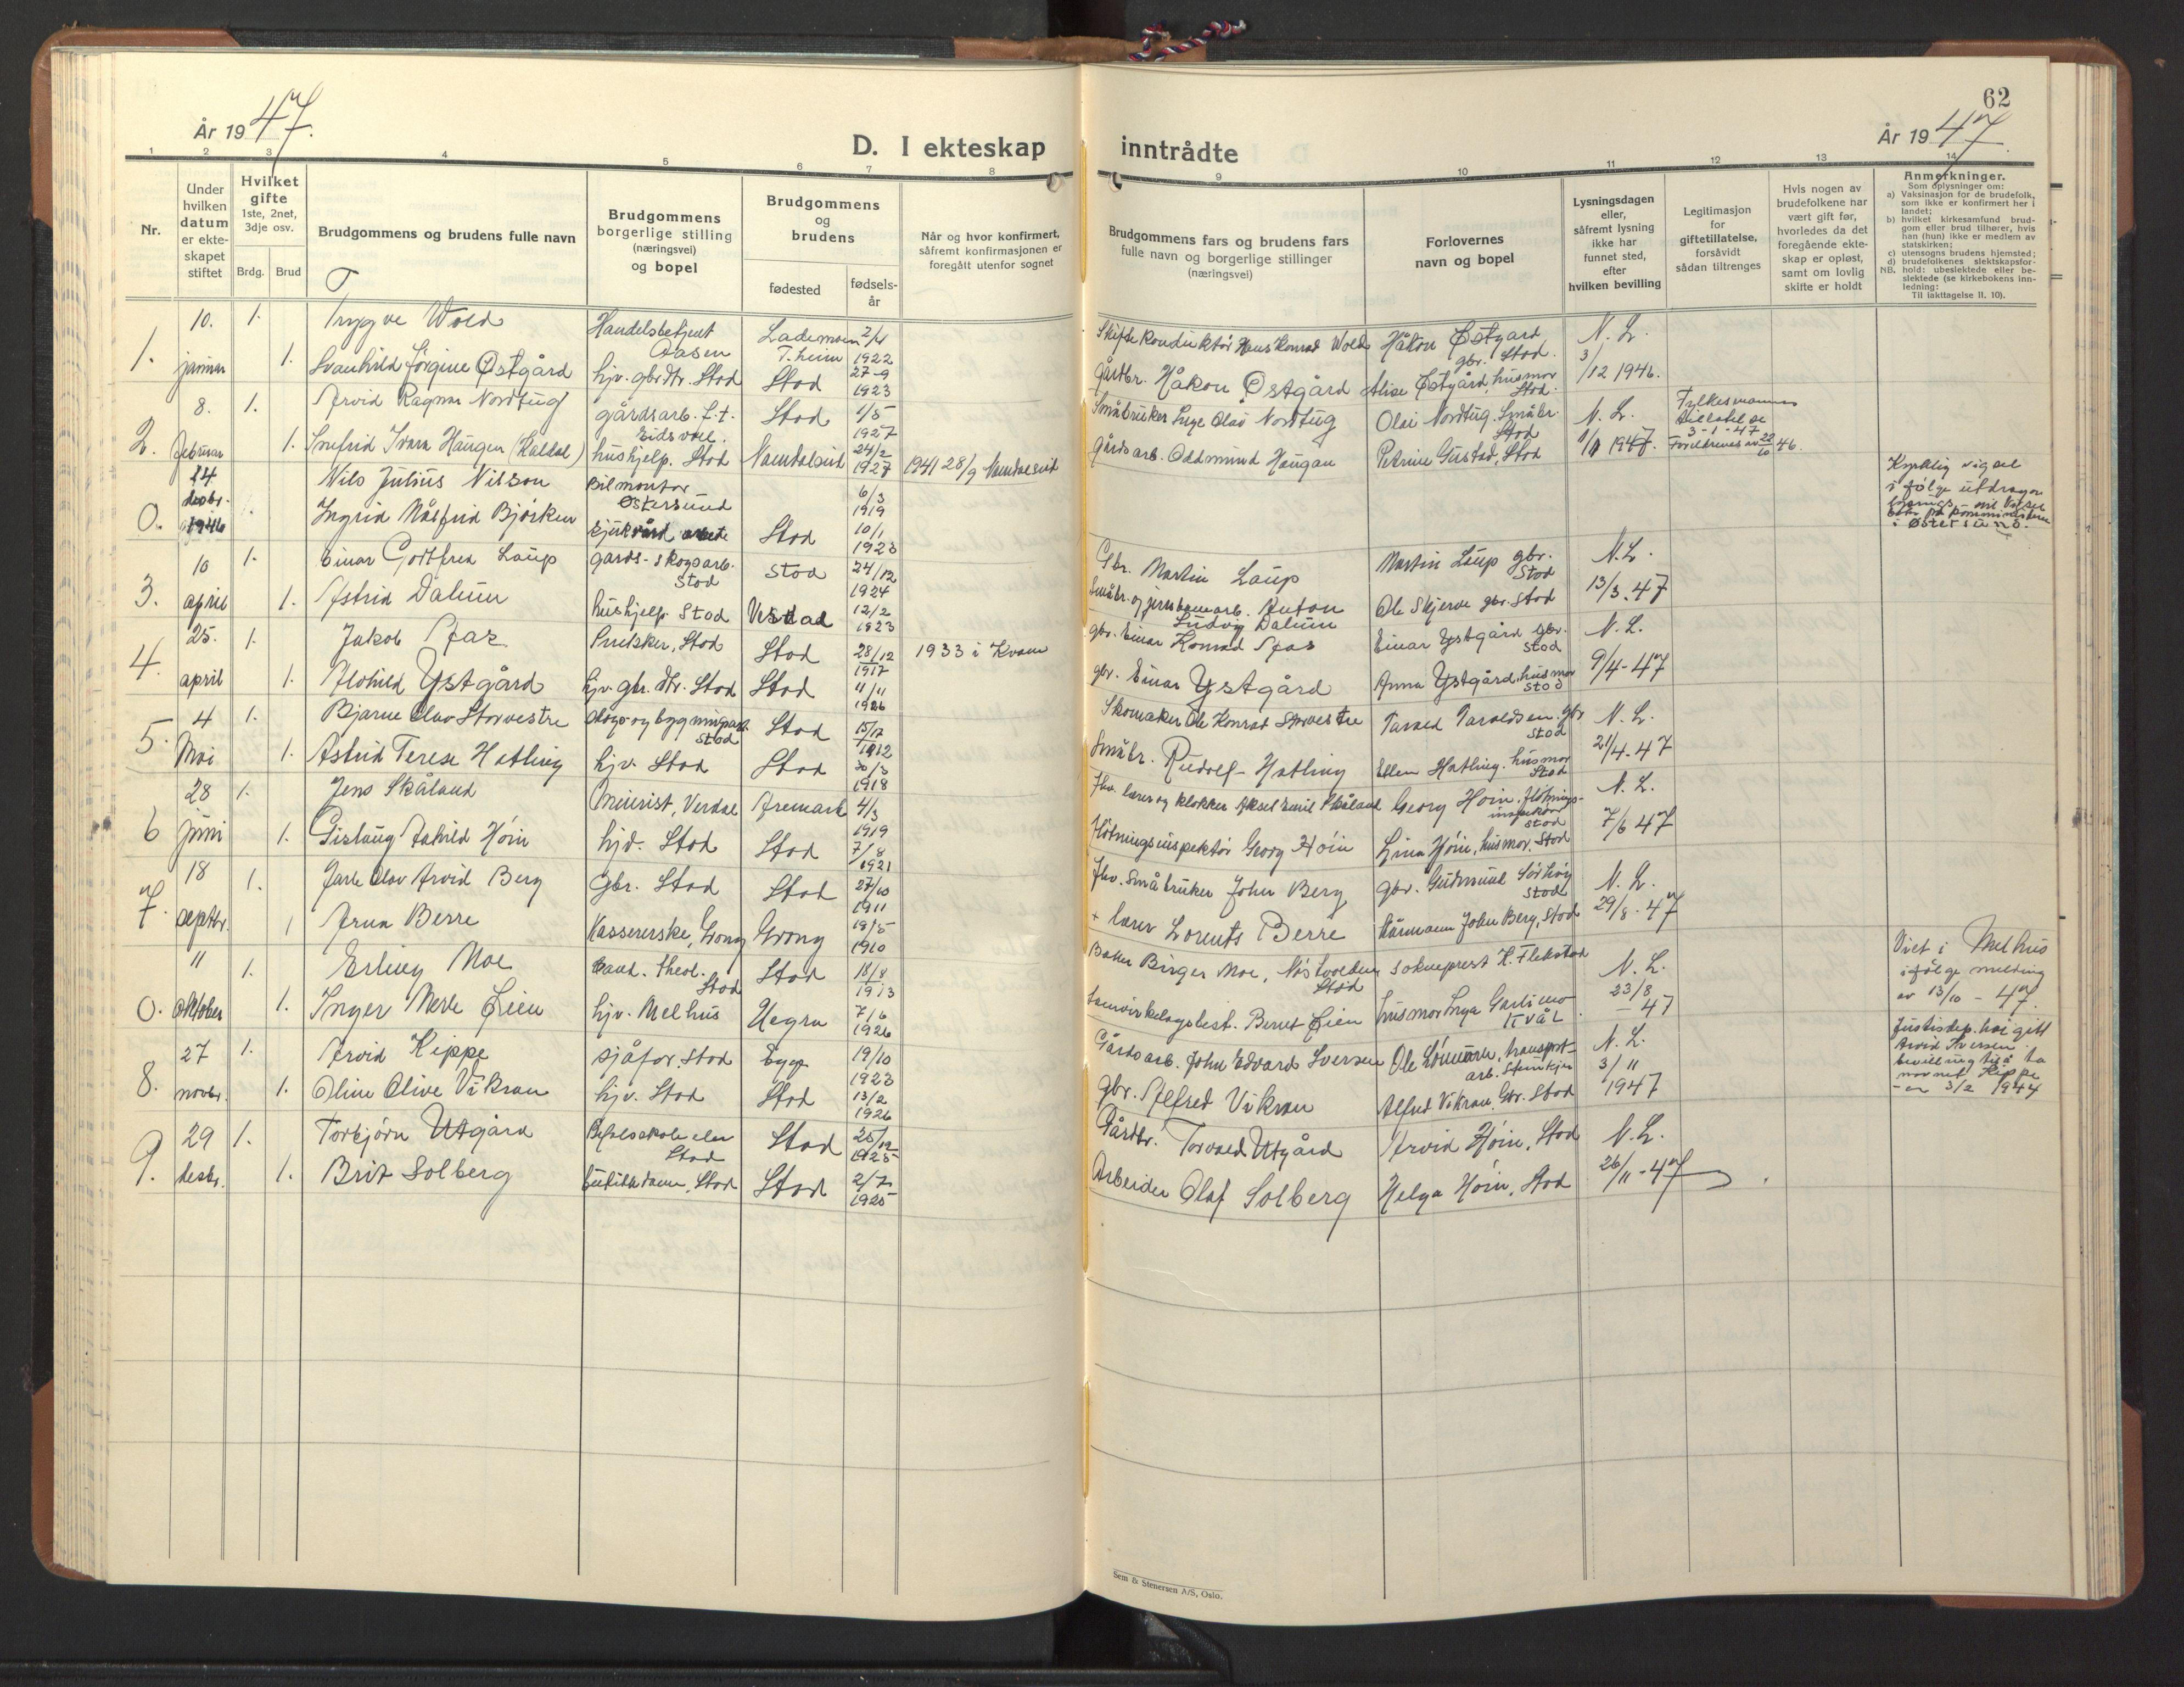 SAT, Ministerialprotokoller, klokkerbøker og fødselsregistre - Nord-Trøndelag, 746/L0456: Klokkerbok nr. 746C02, 1936-1948, s. 62